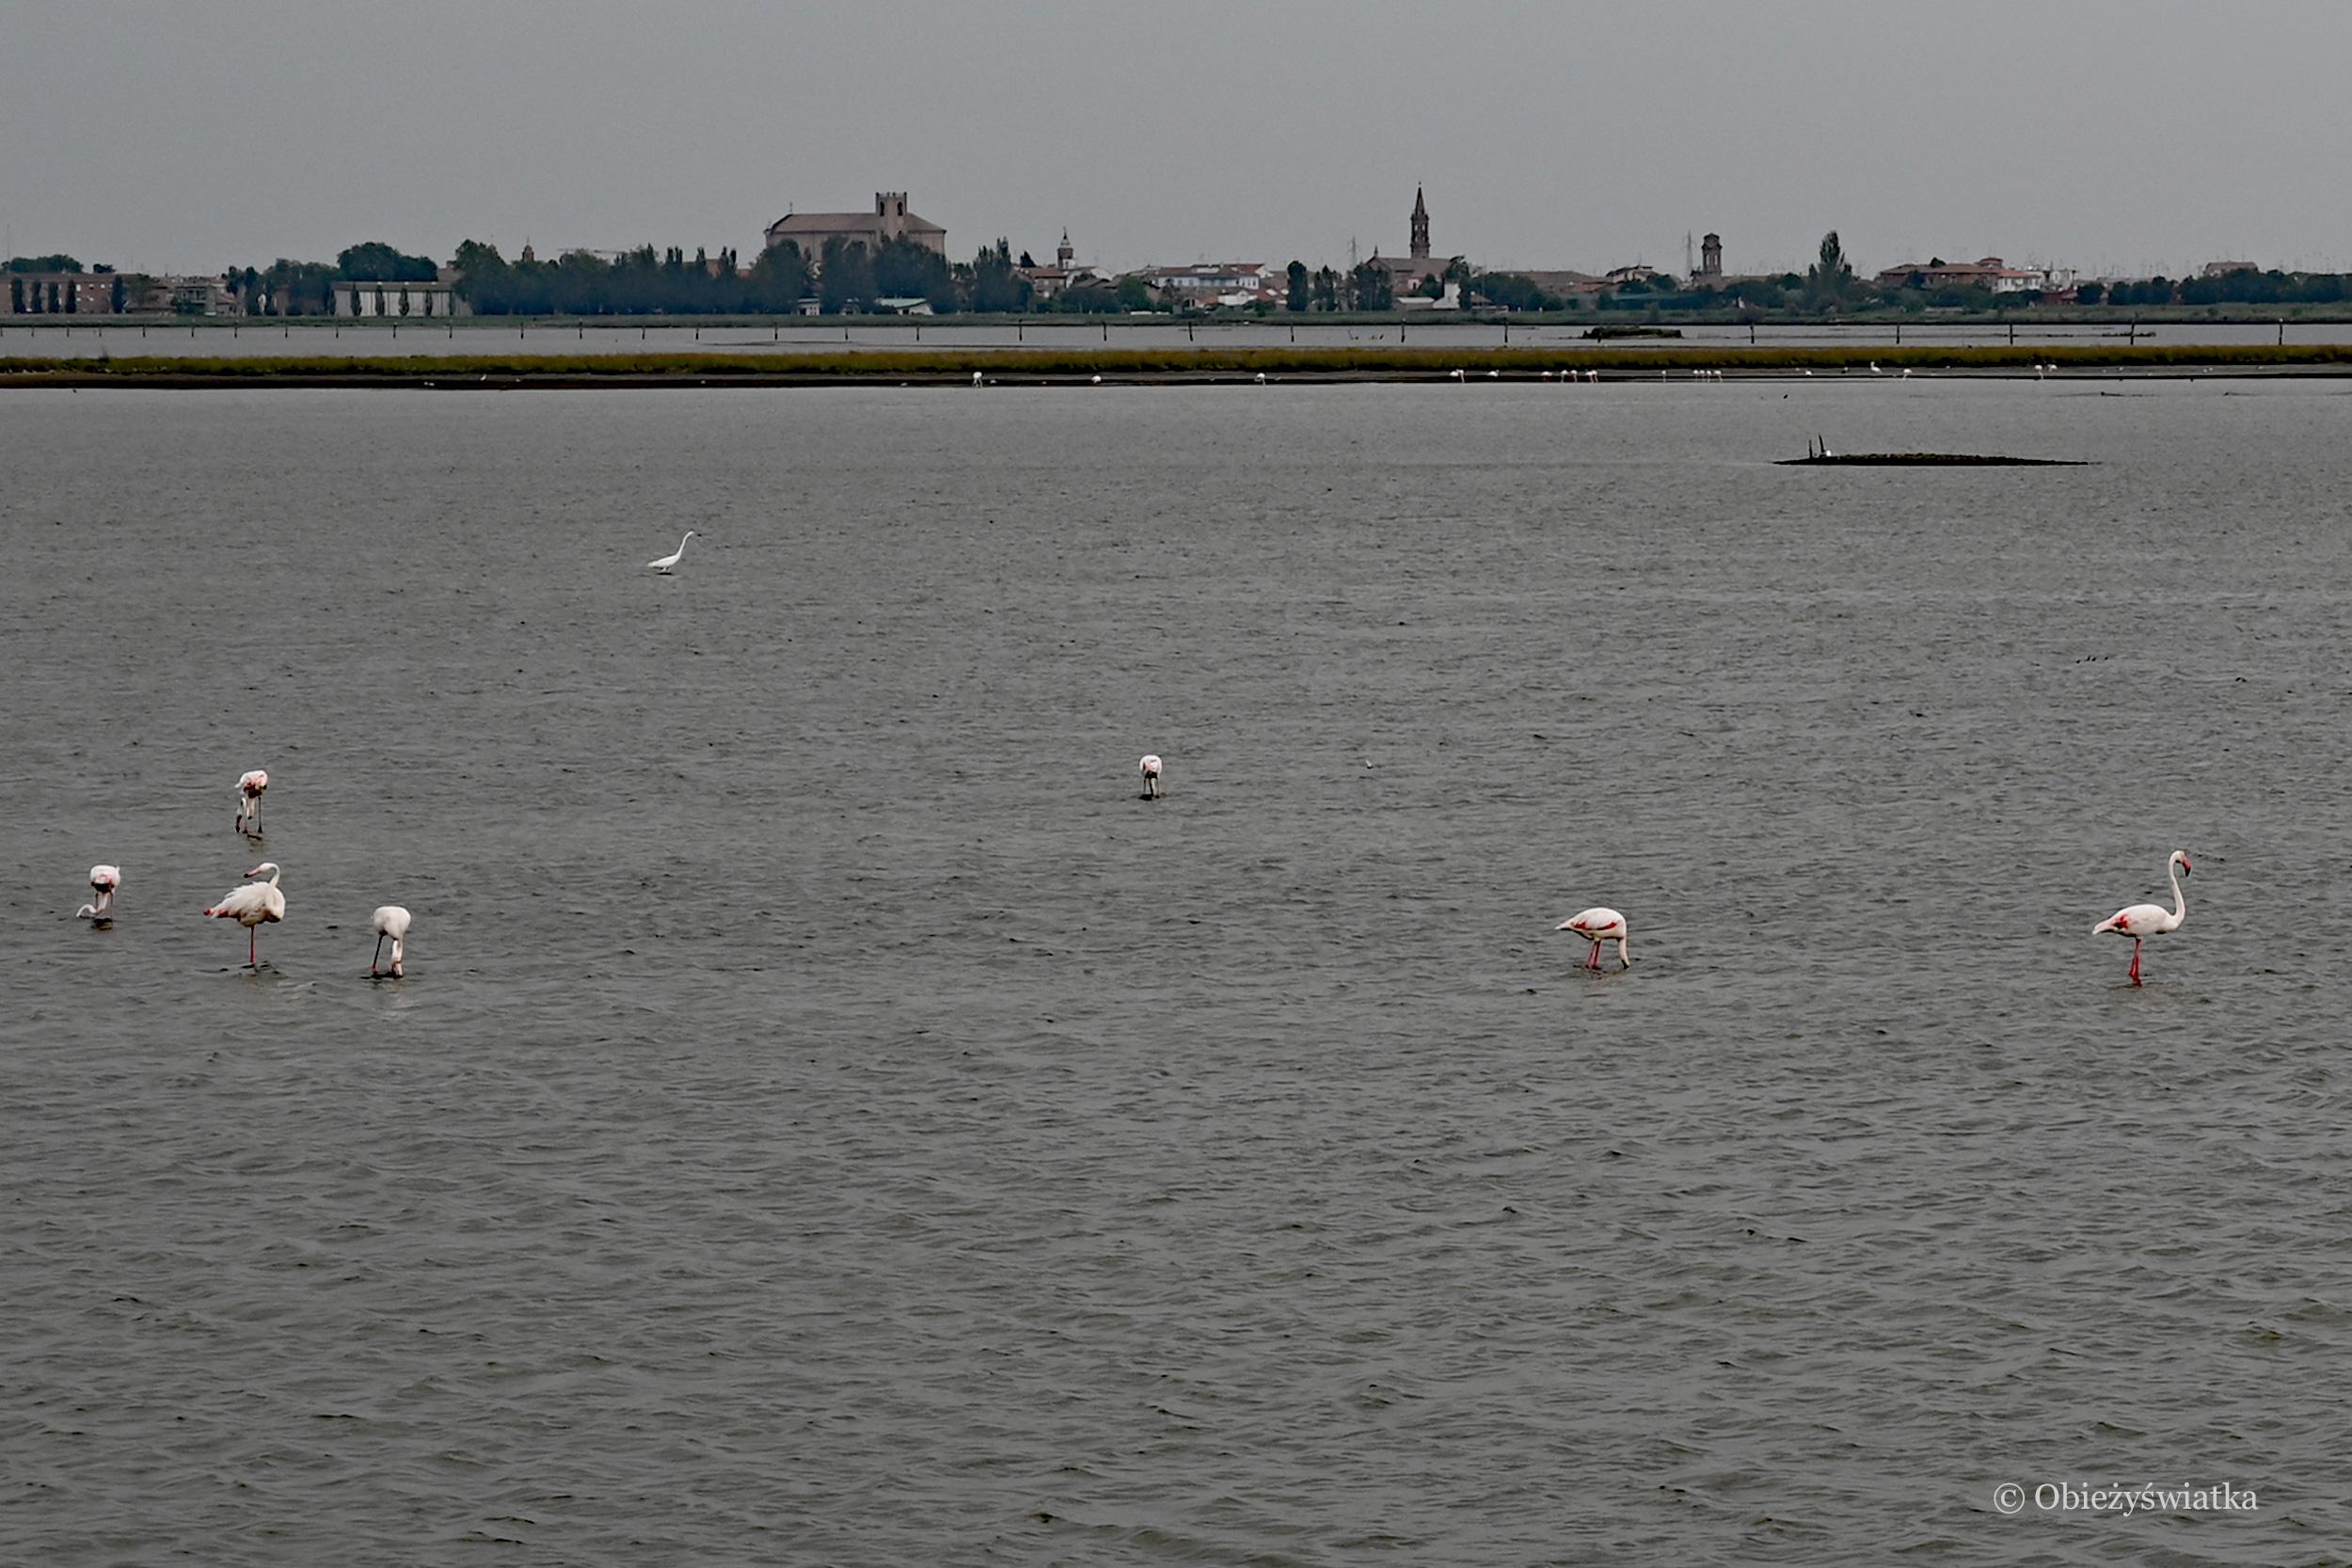 Flamingi, Comacchio i Pad, Włochy